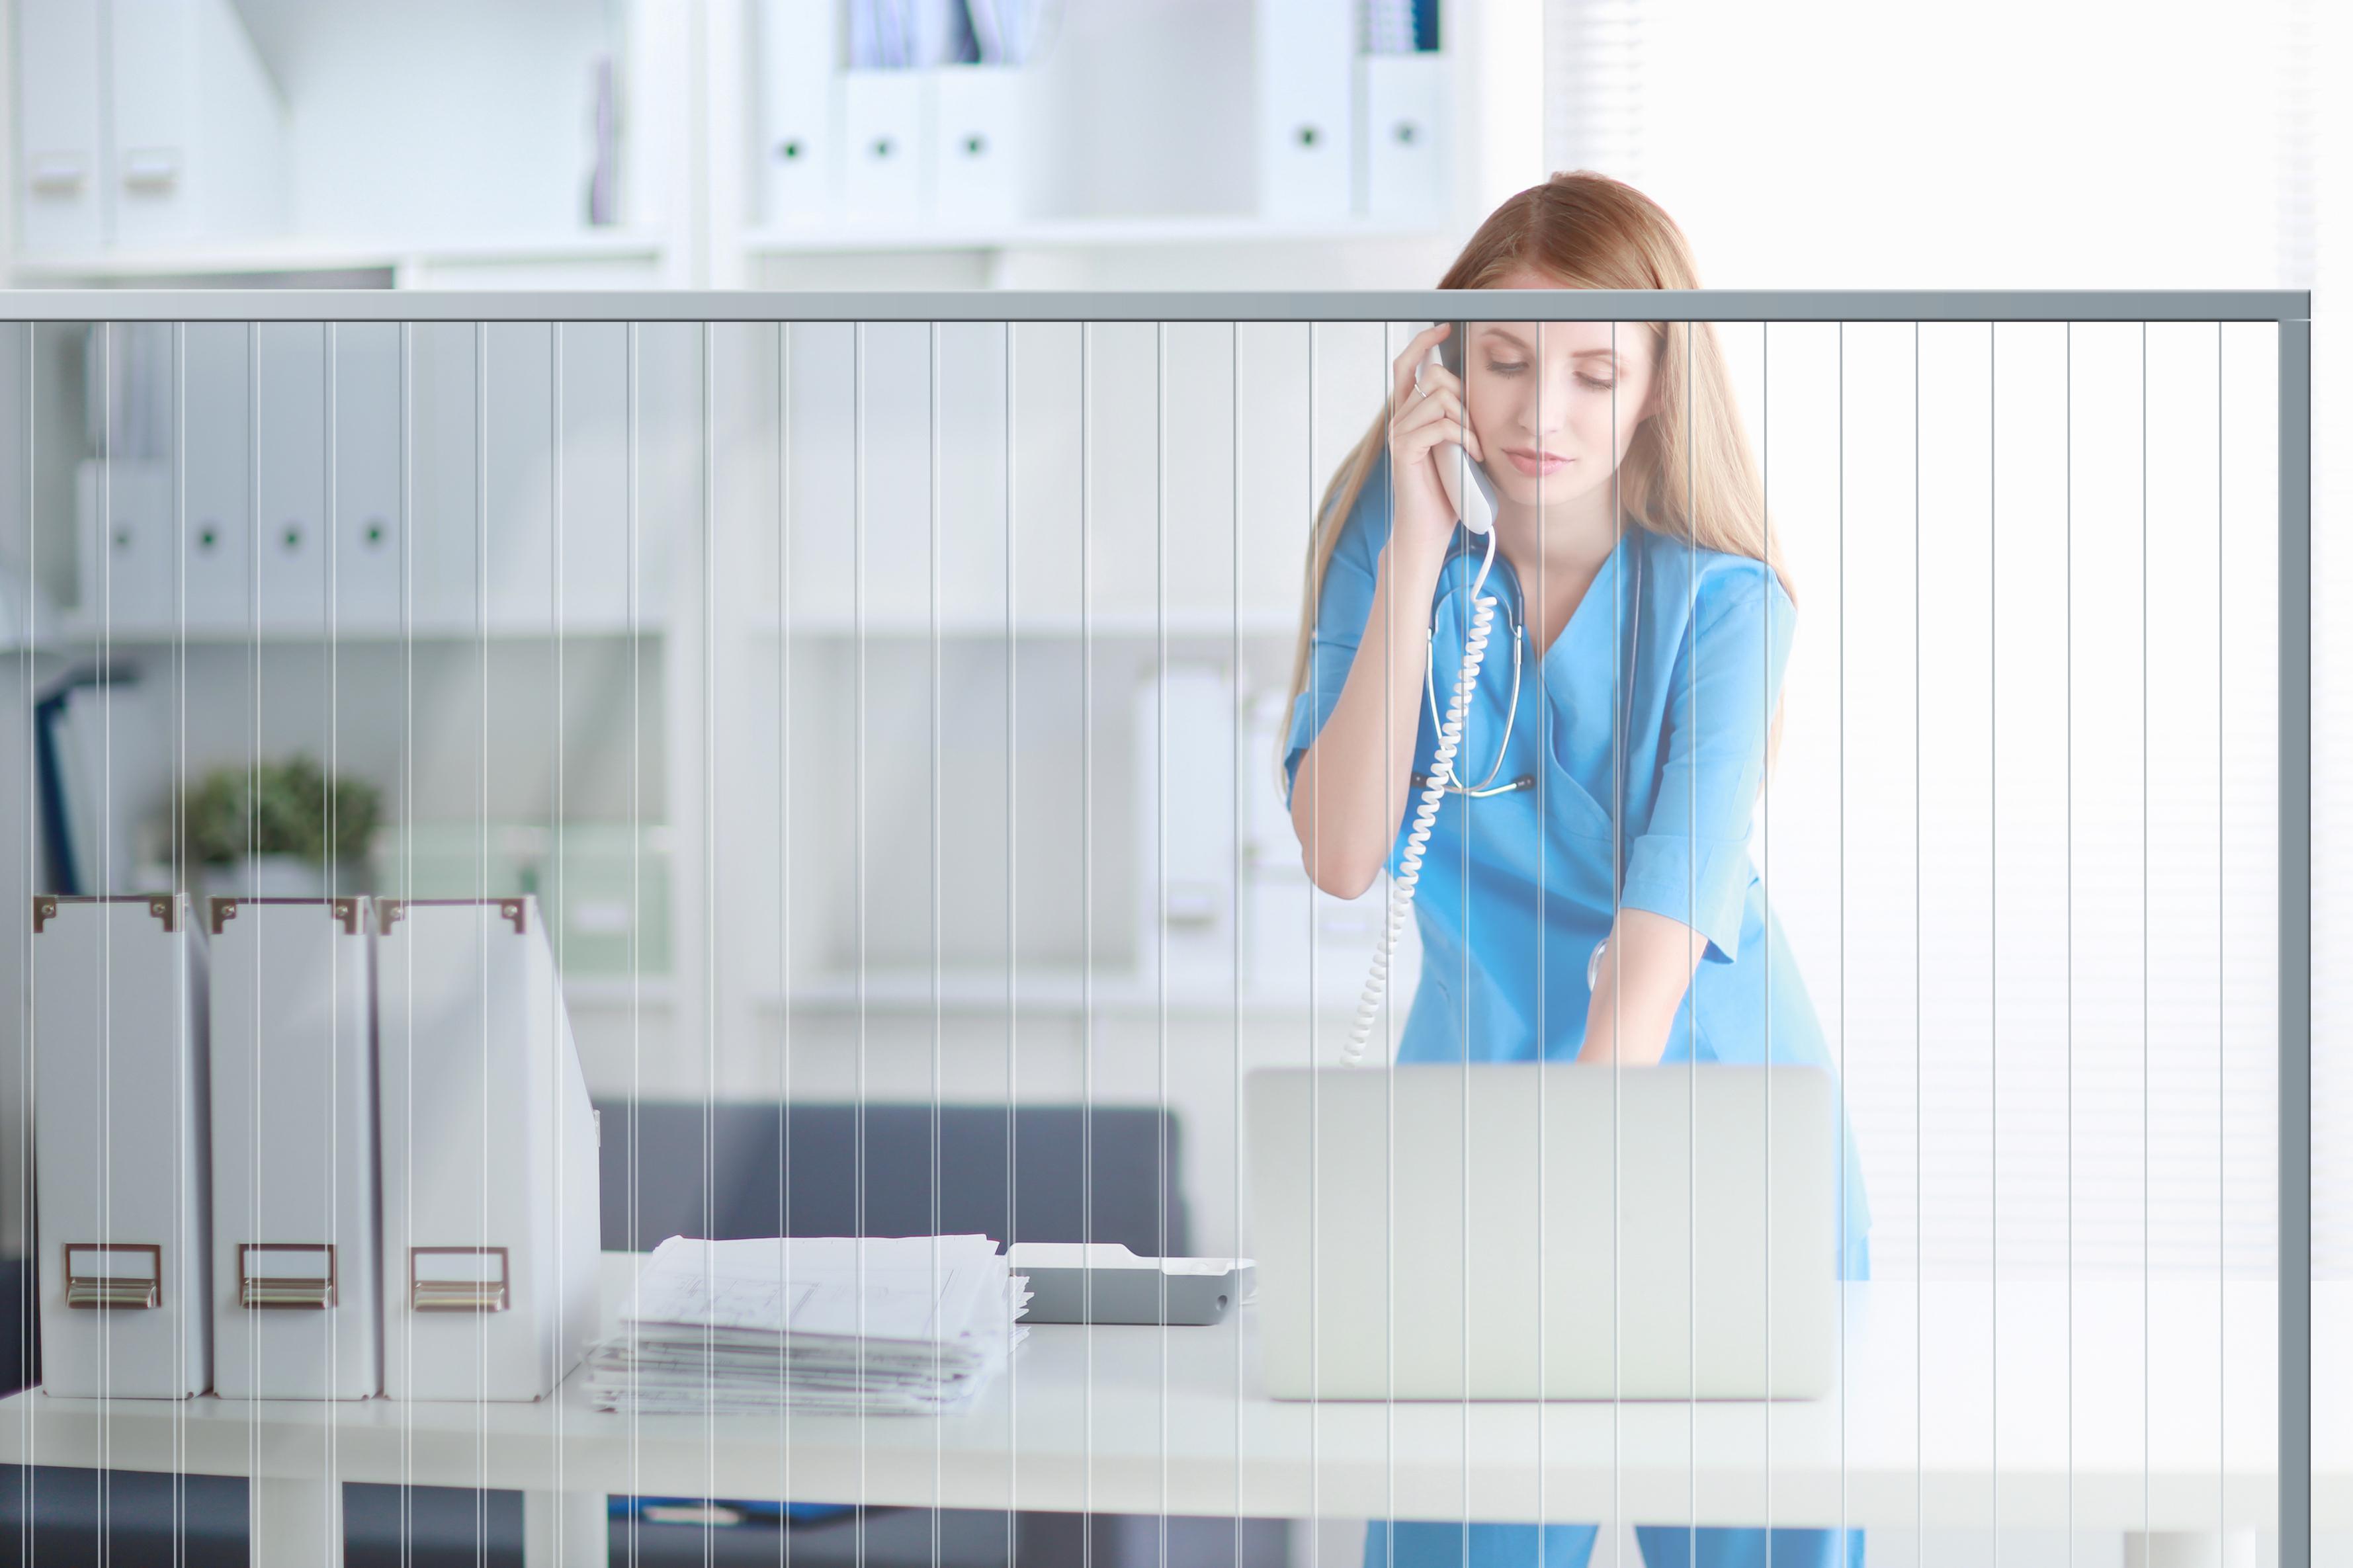 Afbeelding Plexiglas verandaplaten beschermwand